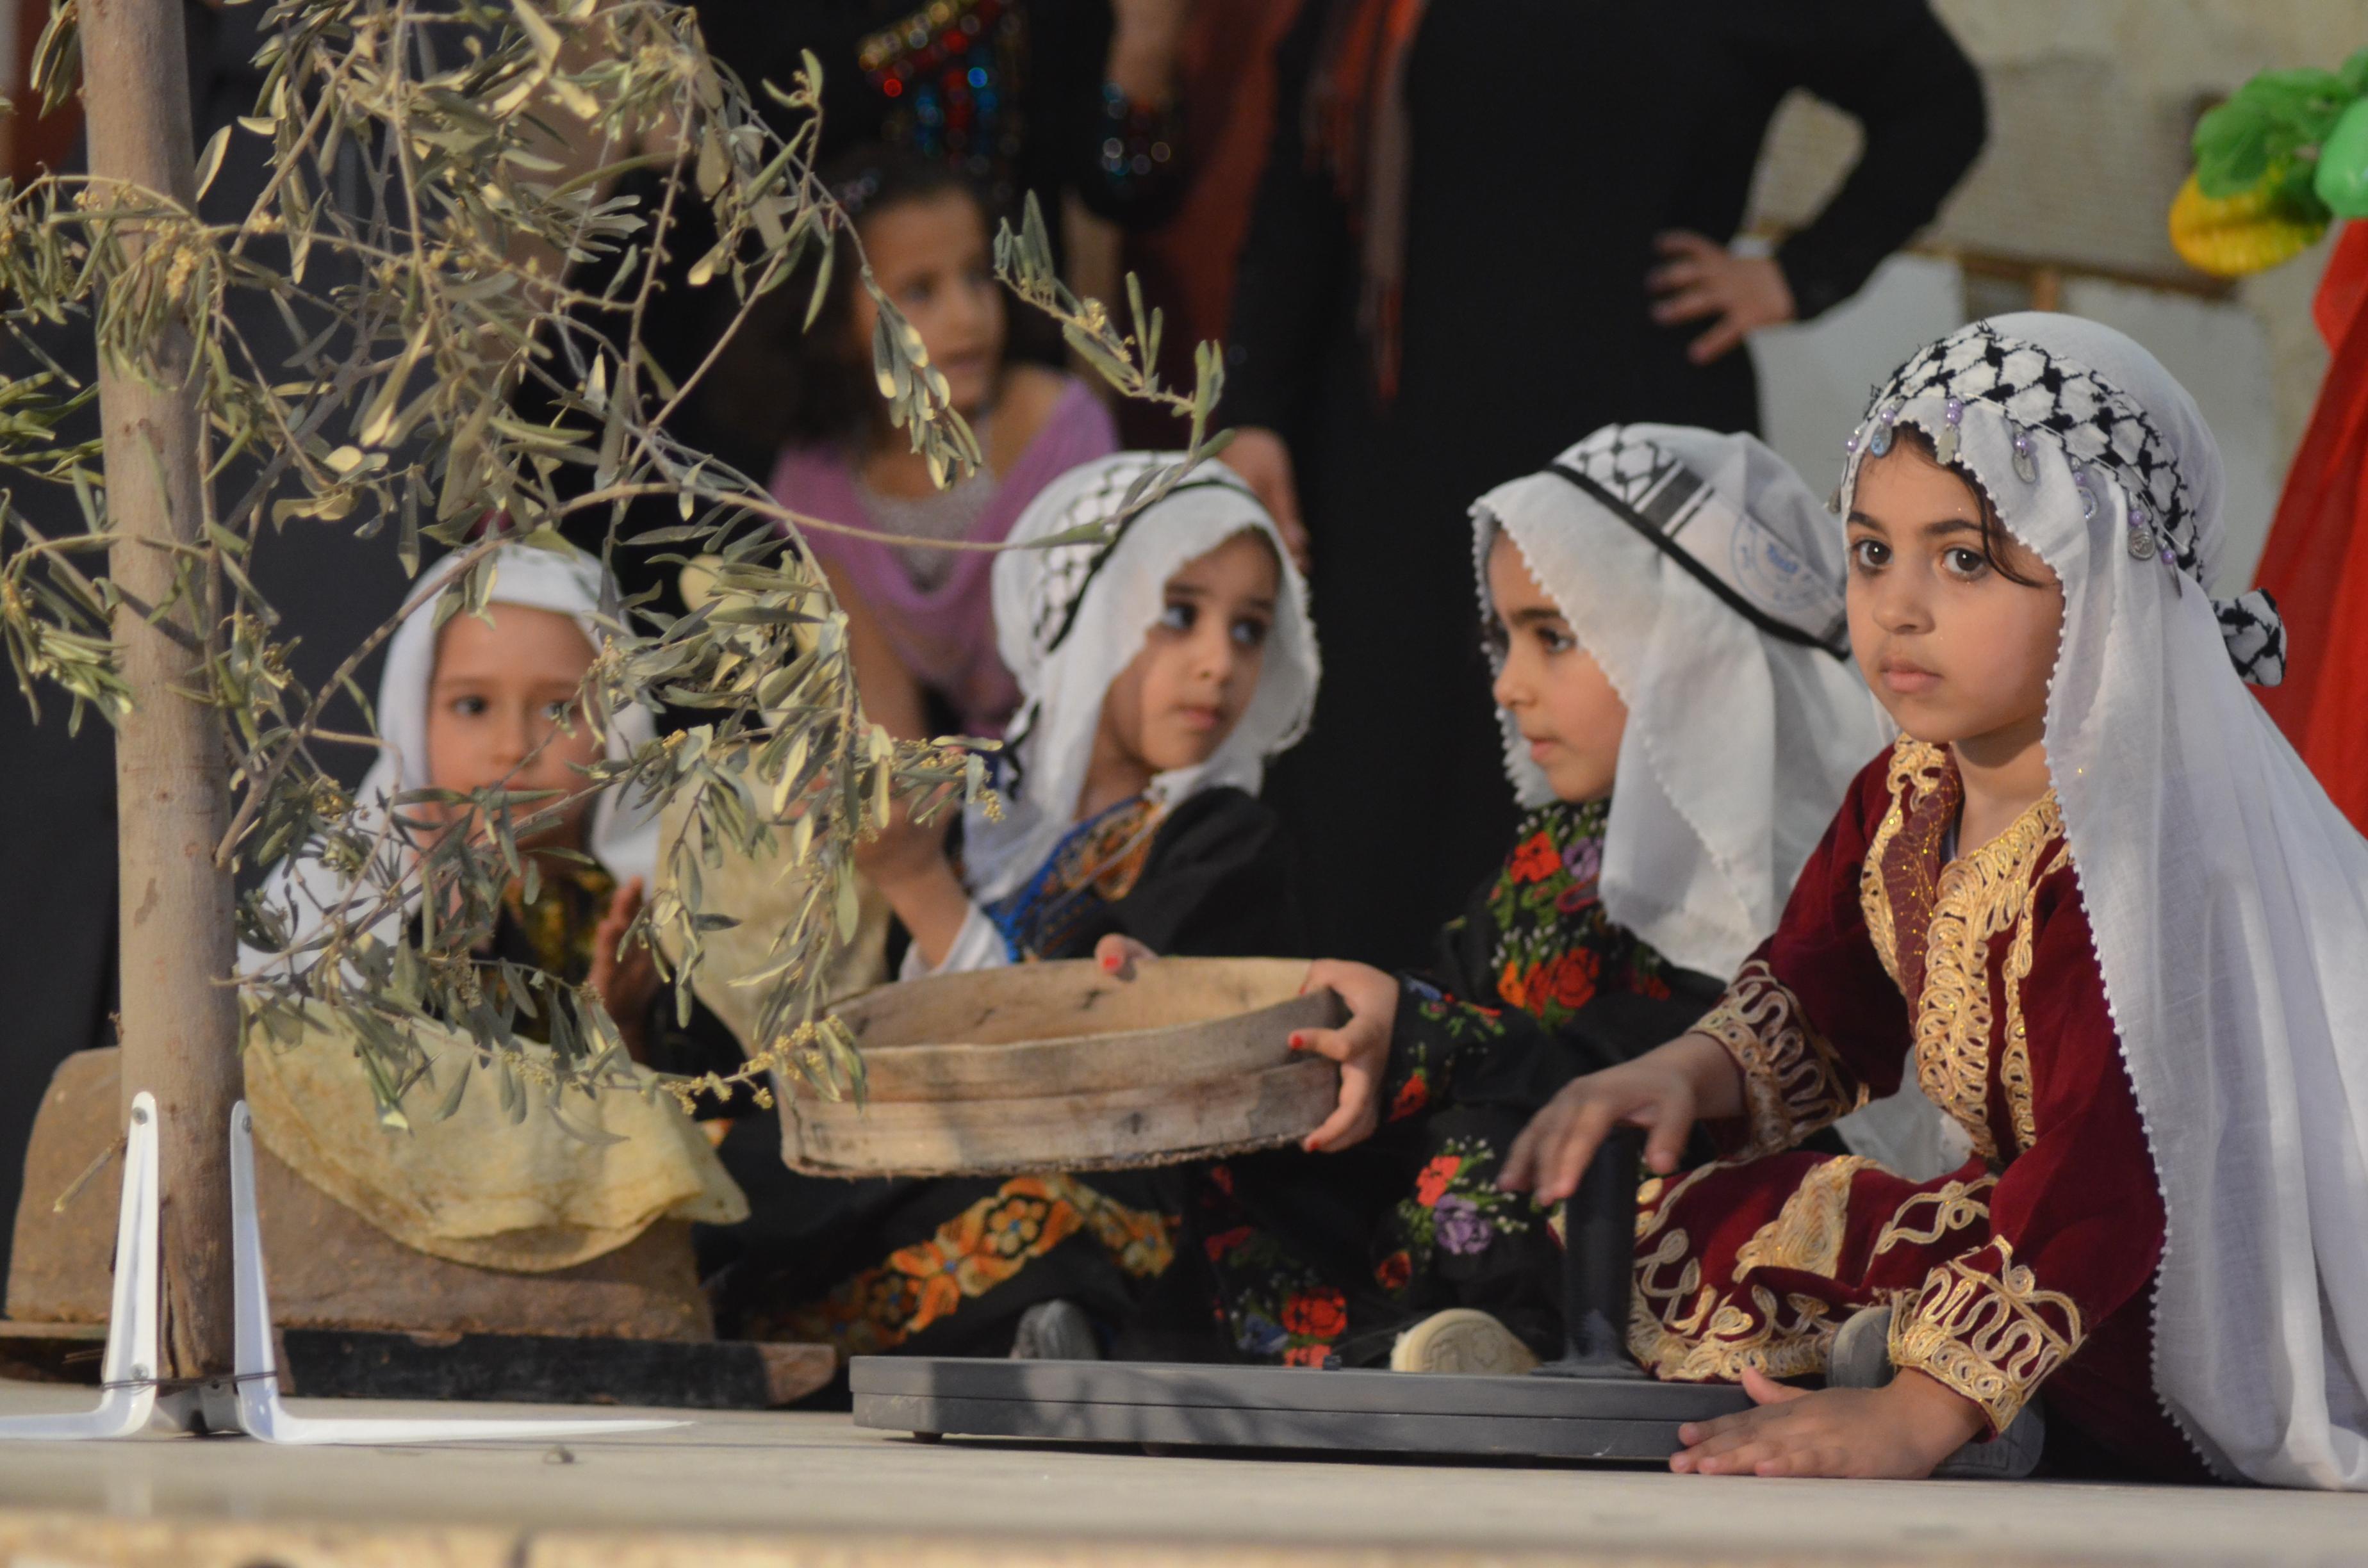 بالفيديو ..  ليّا وليّا يا بنية - صور نادره لنساء فلسطين